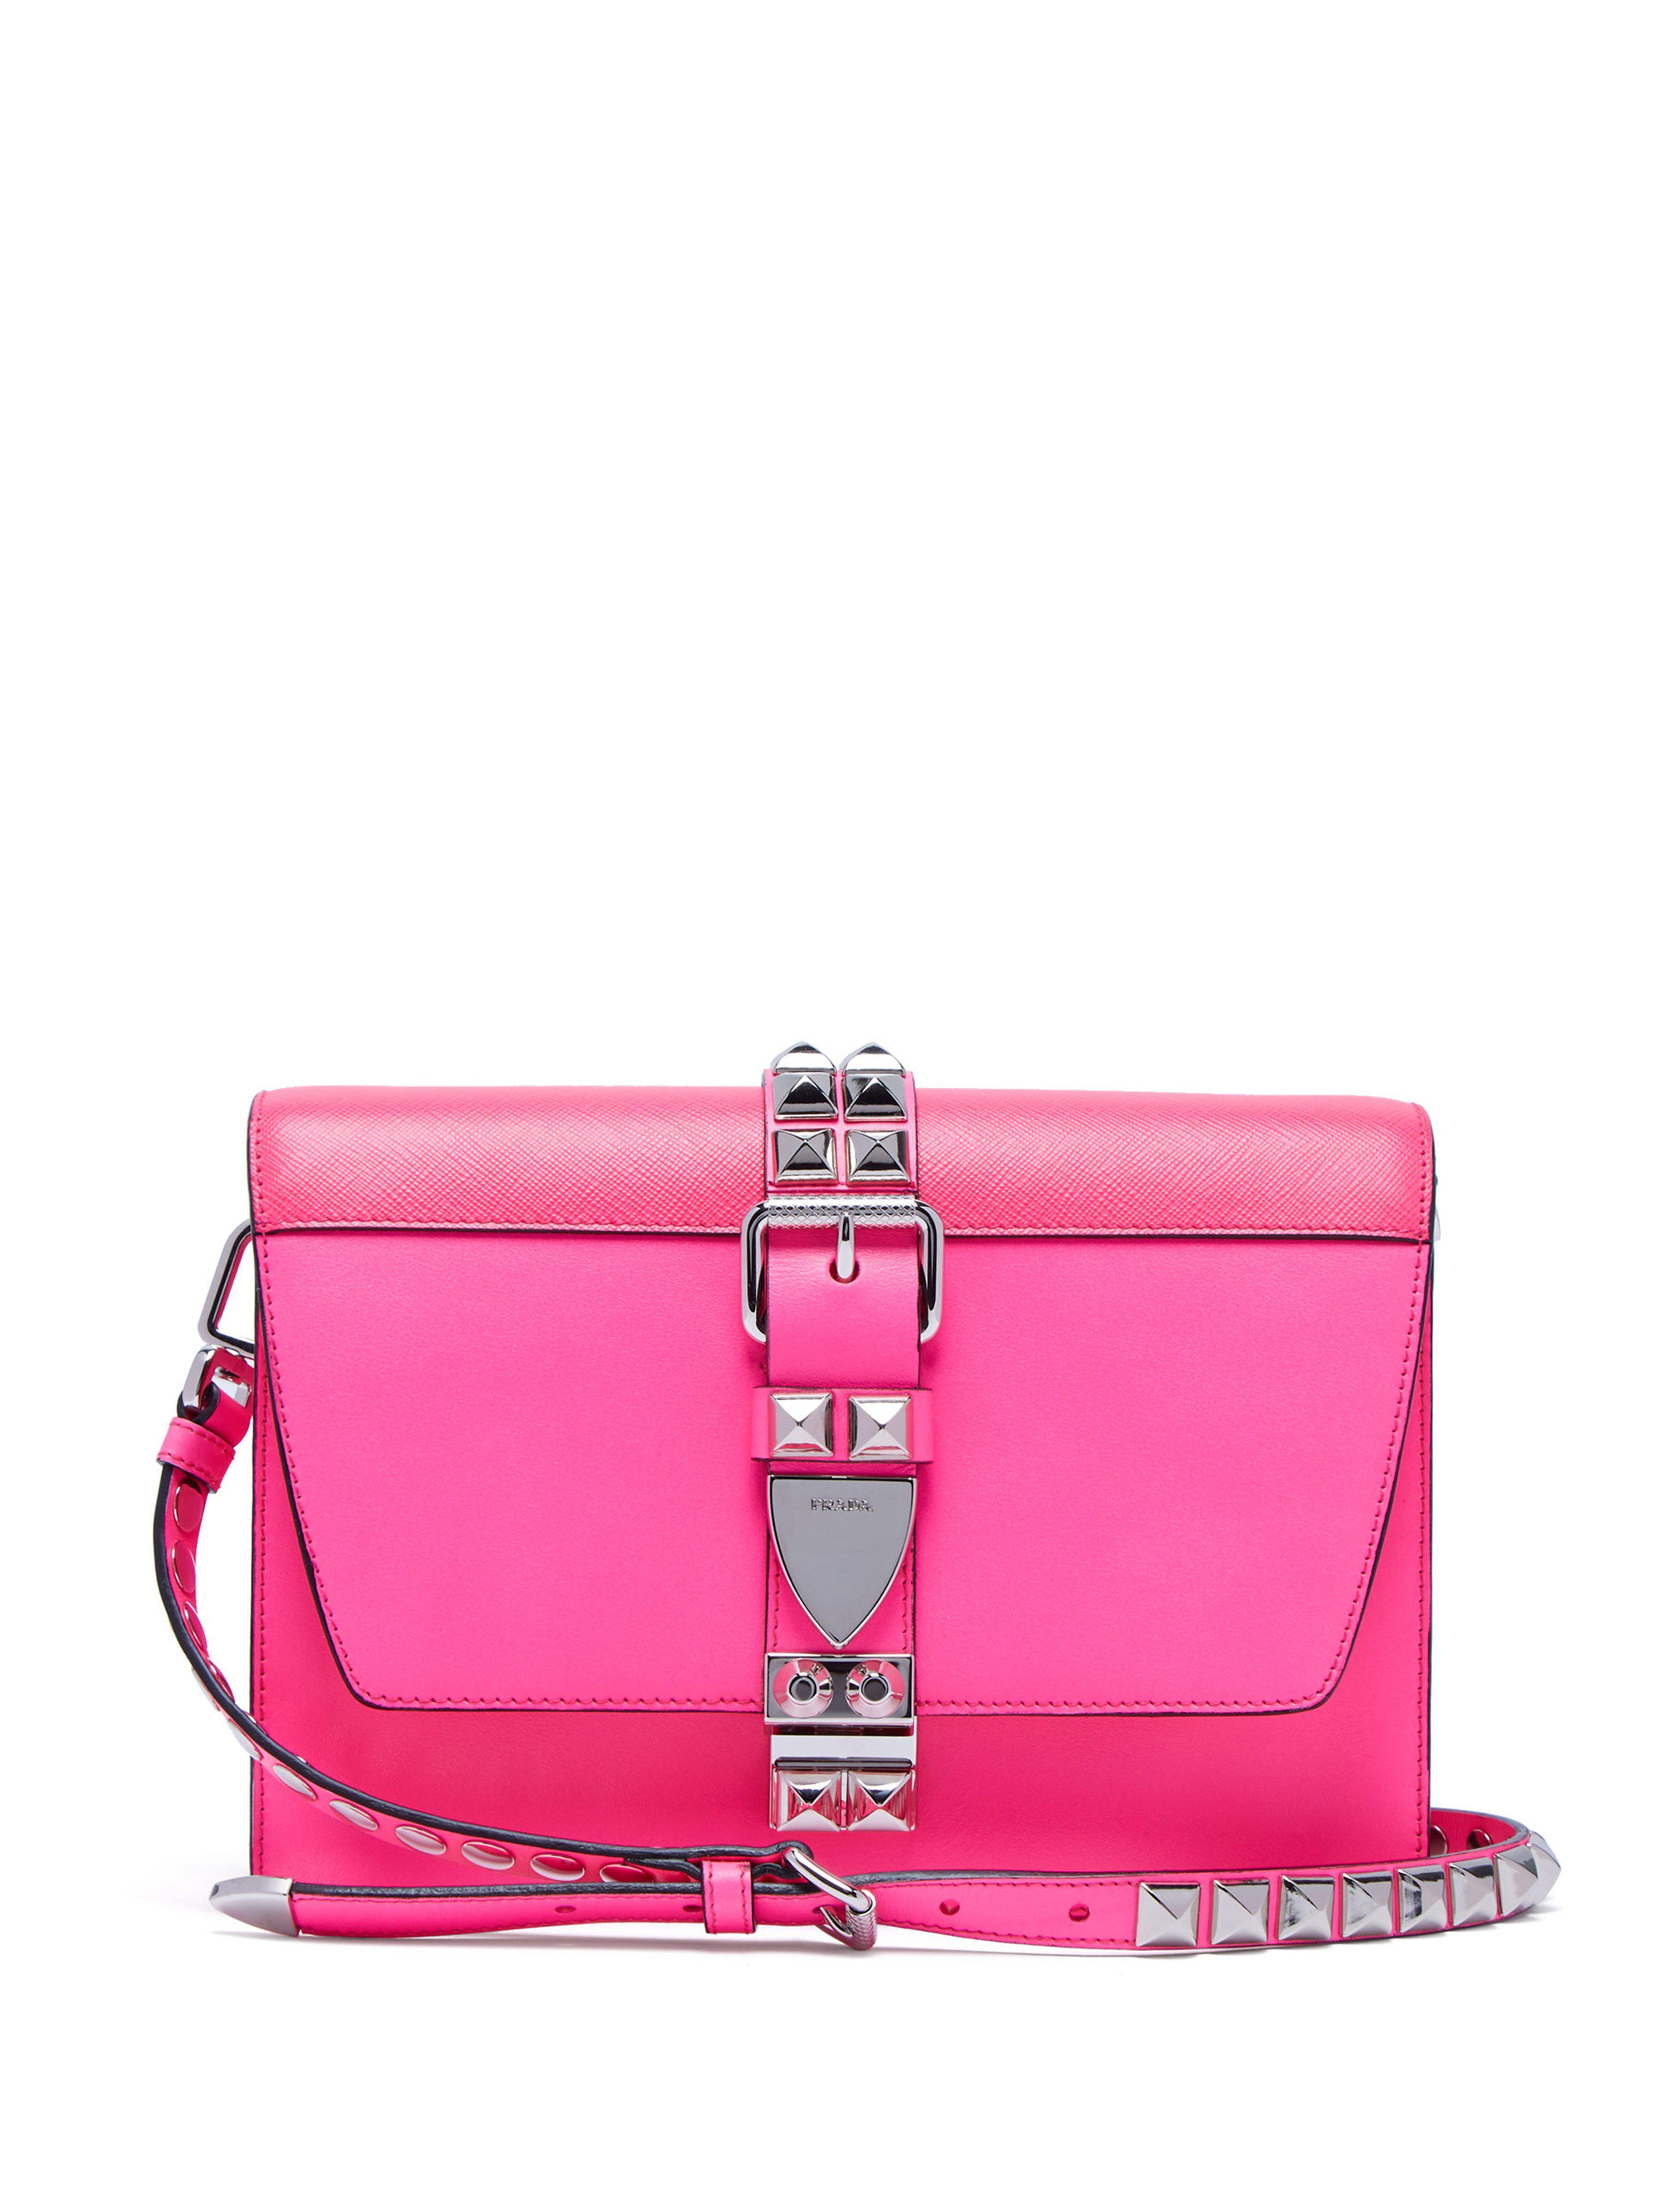 Prada Women S Pink Elektra Studded Leather Shoulder Bag